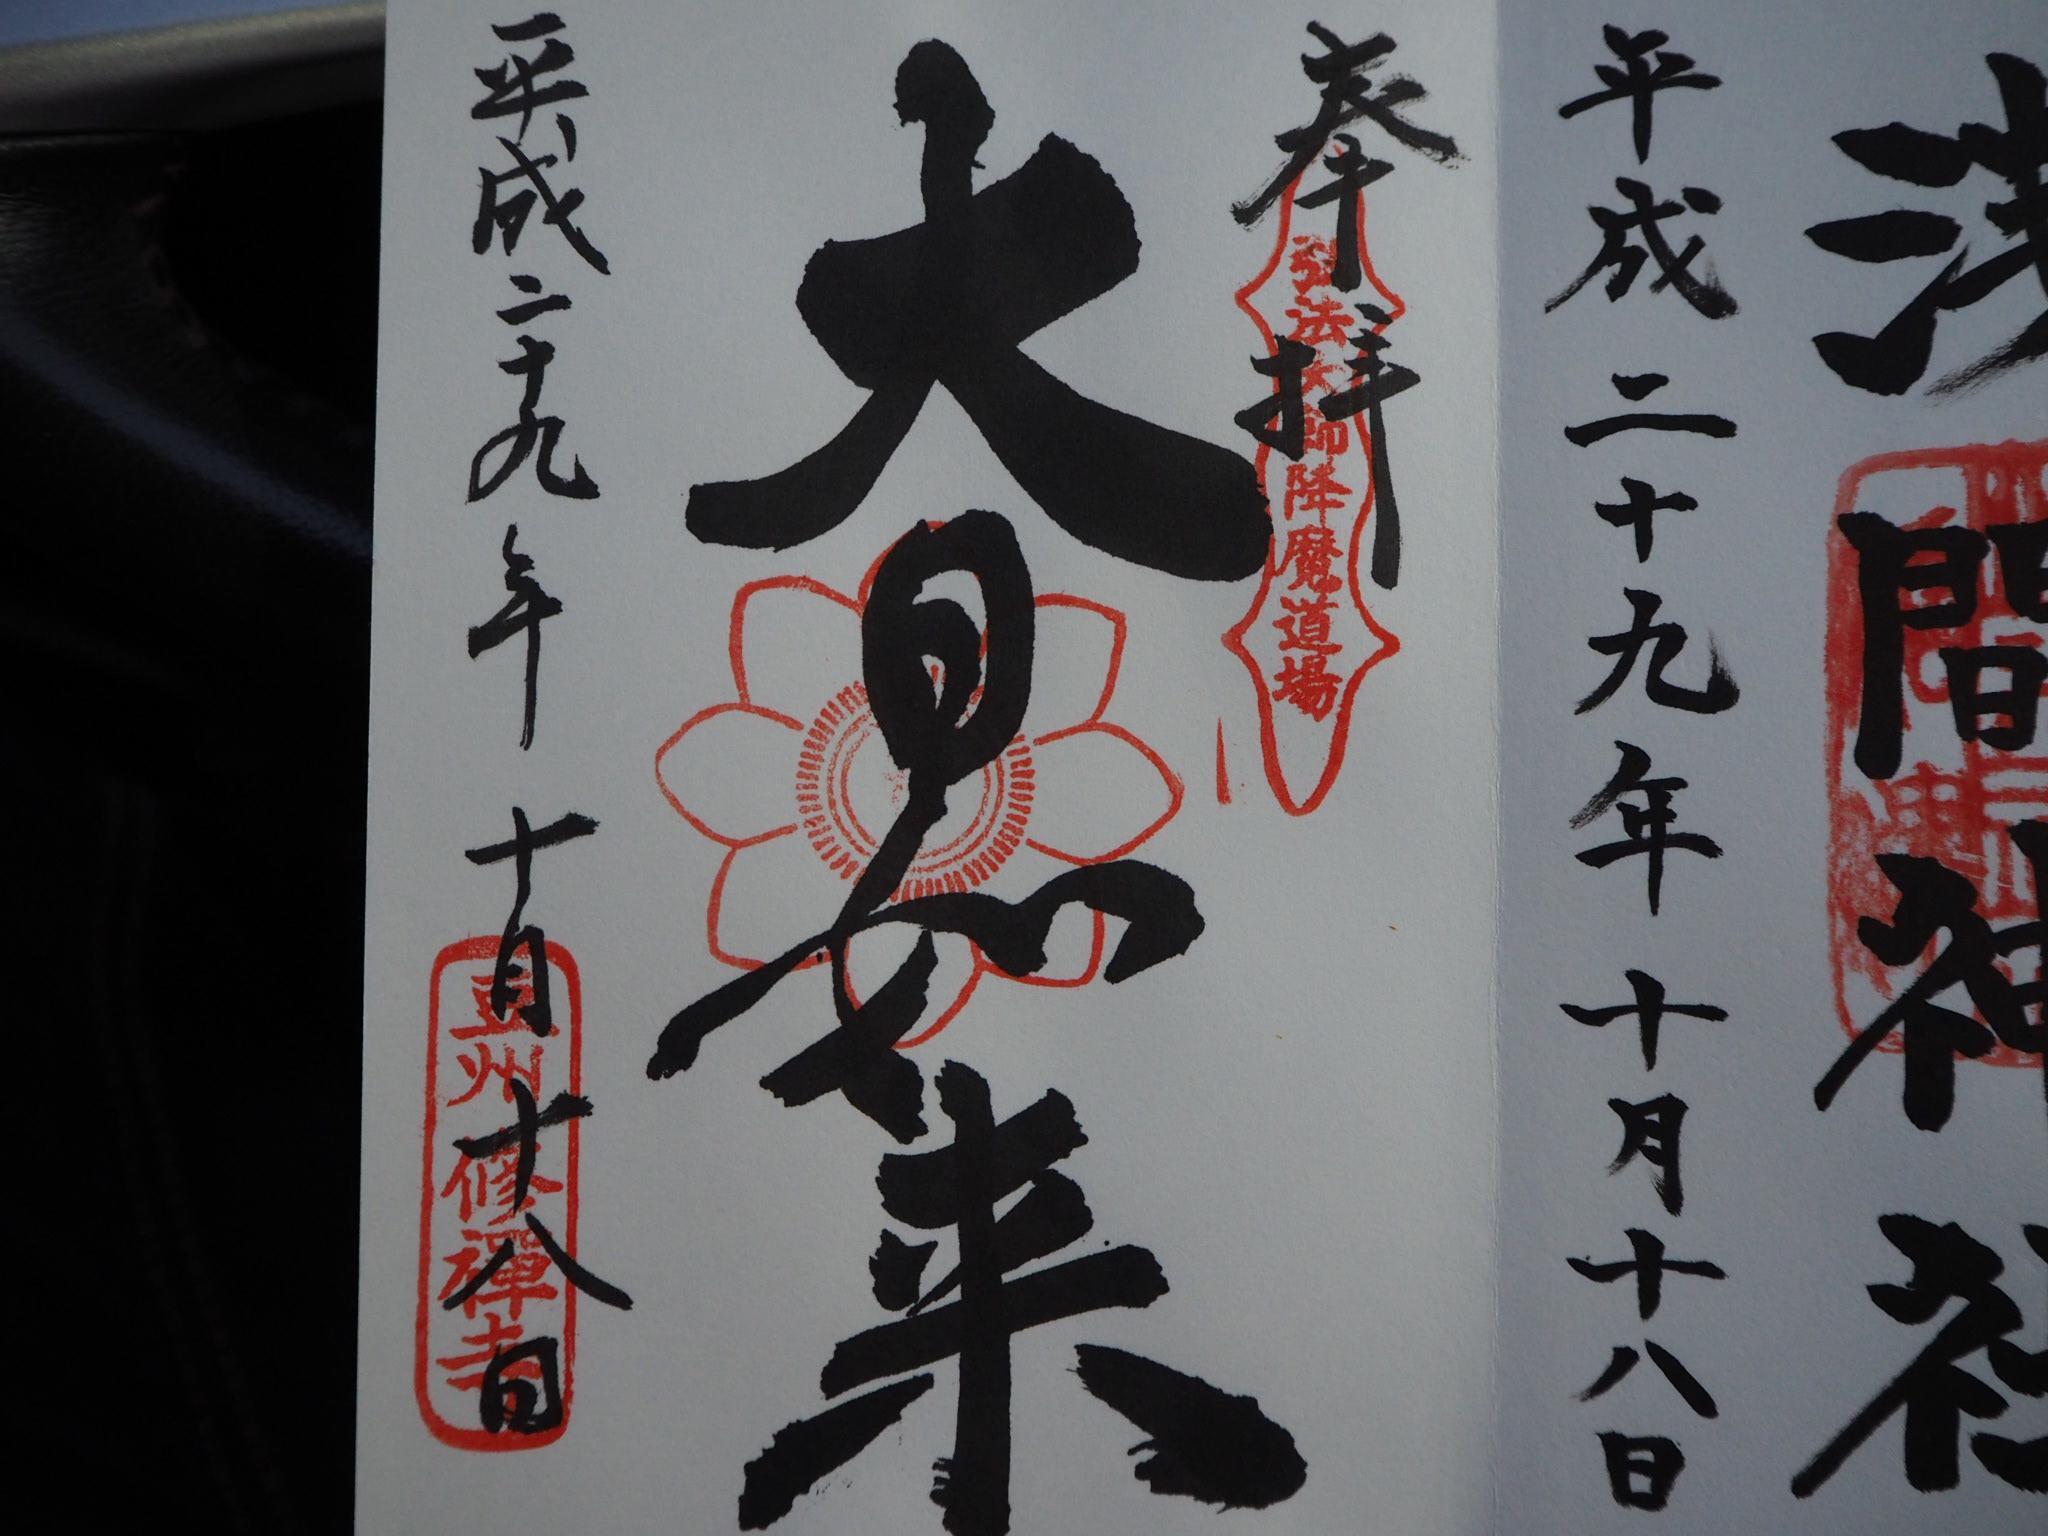 修禅寺の御朱印(静岡県修善寺駅)